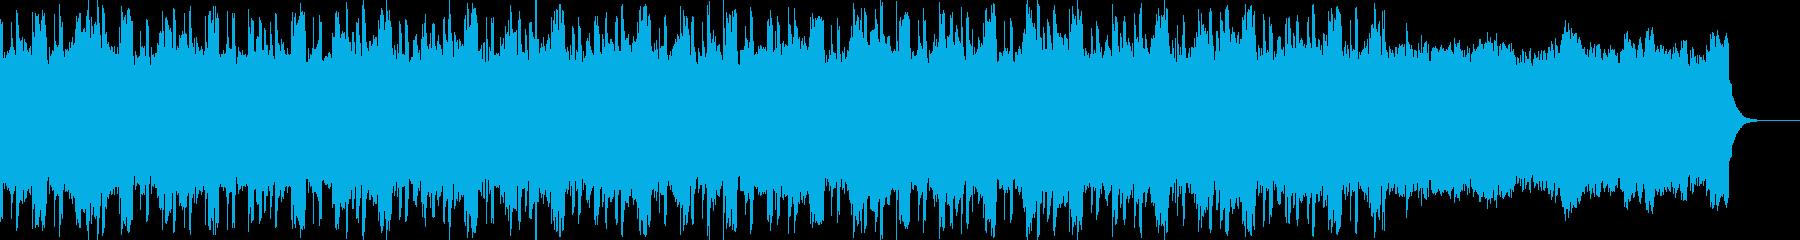 幻想的なアンビエント・テクノの再生済みの波形